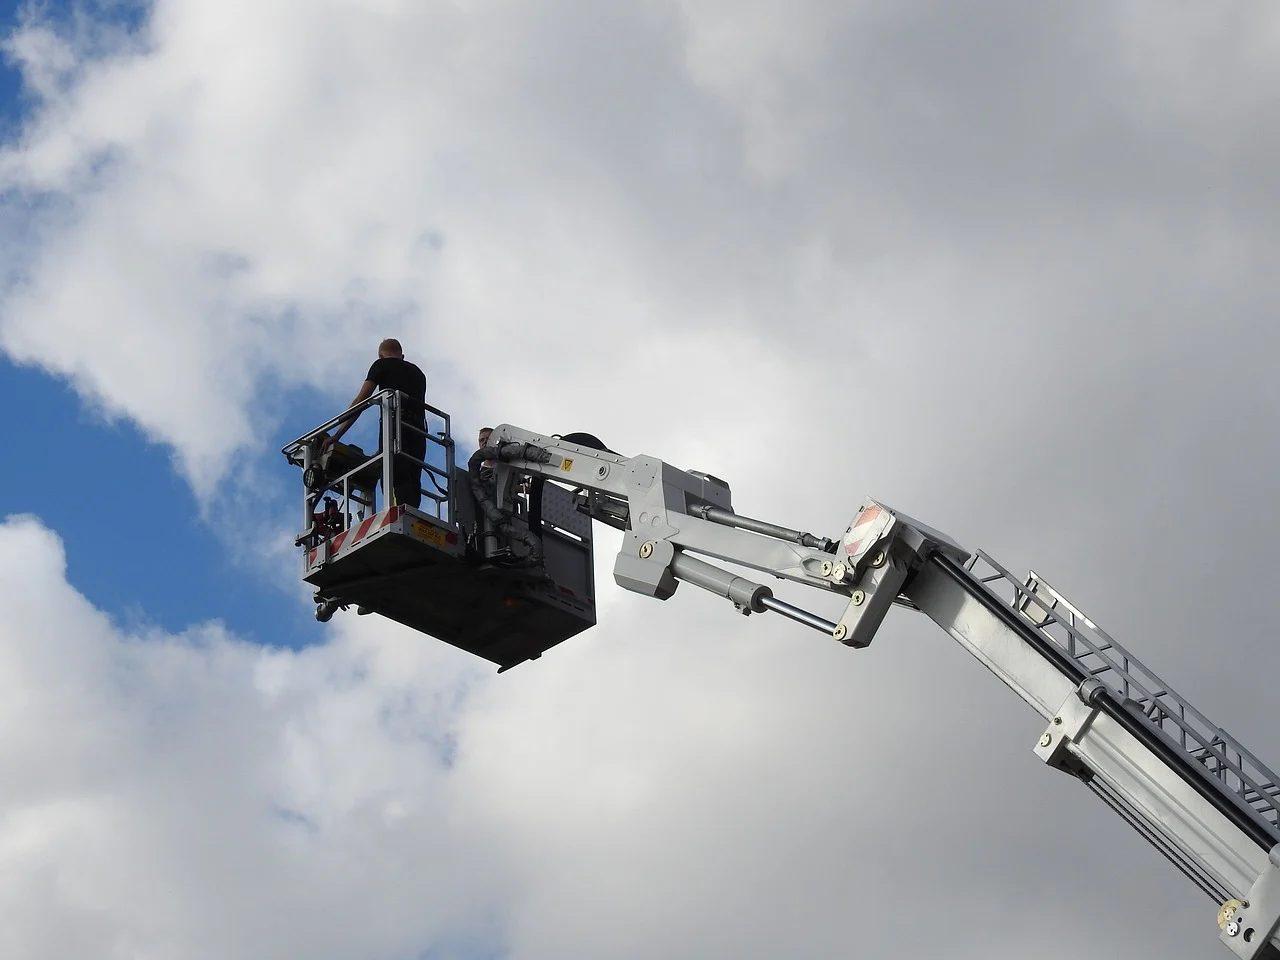 Техника безопасности при работе на высоте: основные правила